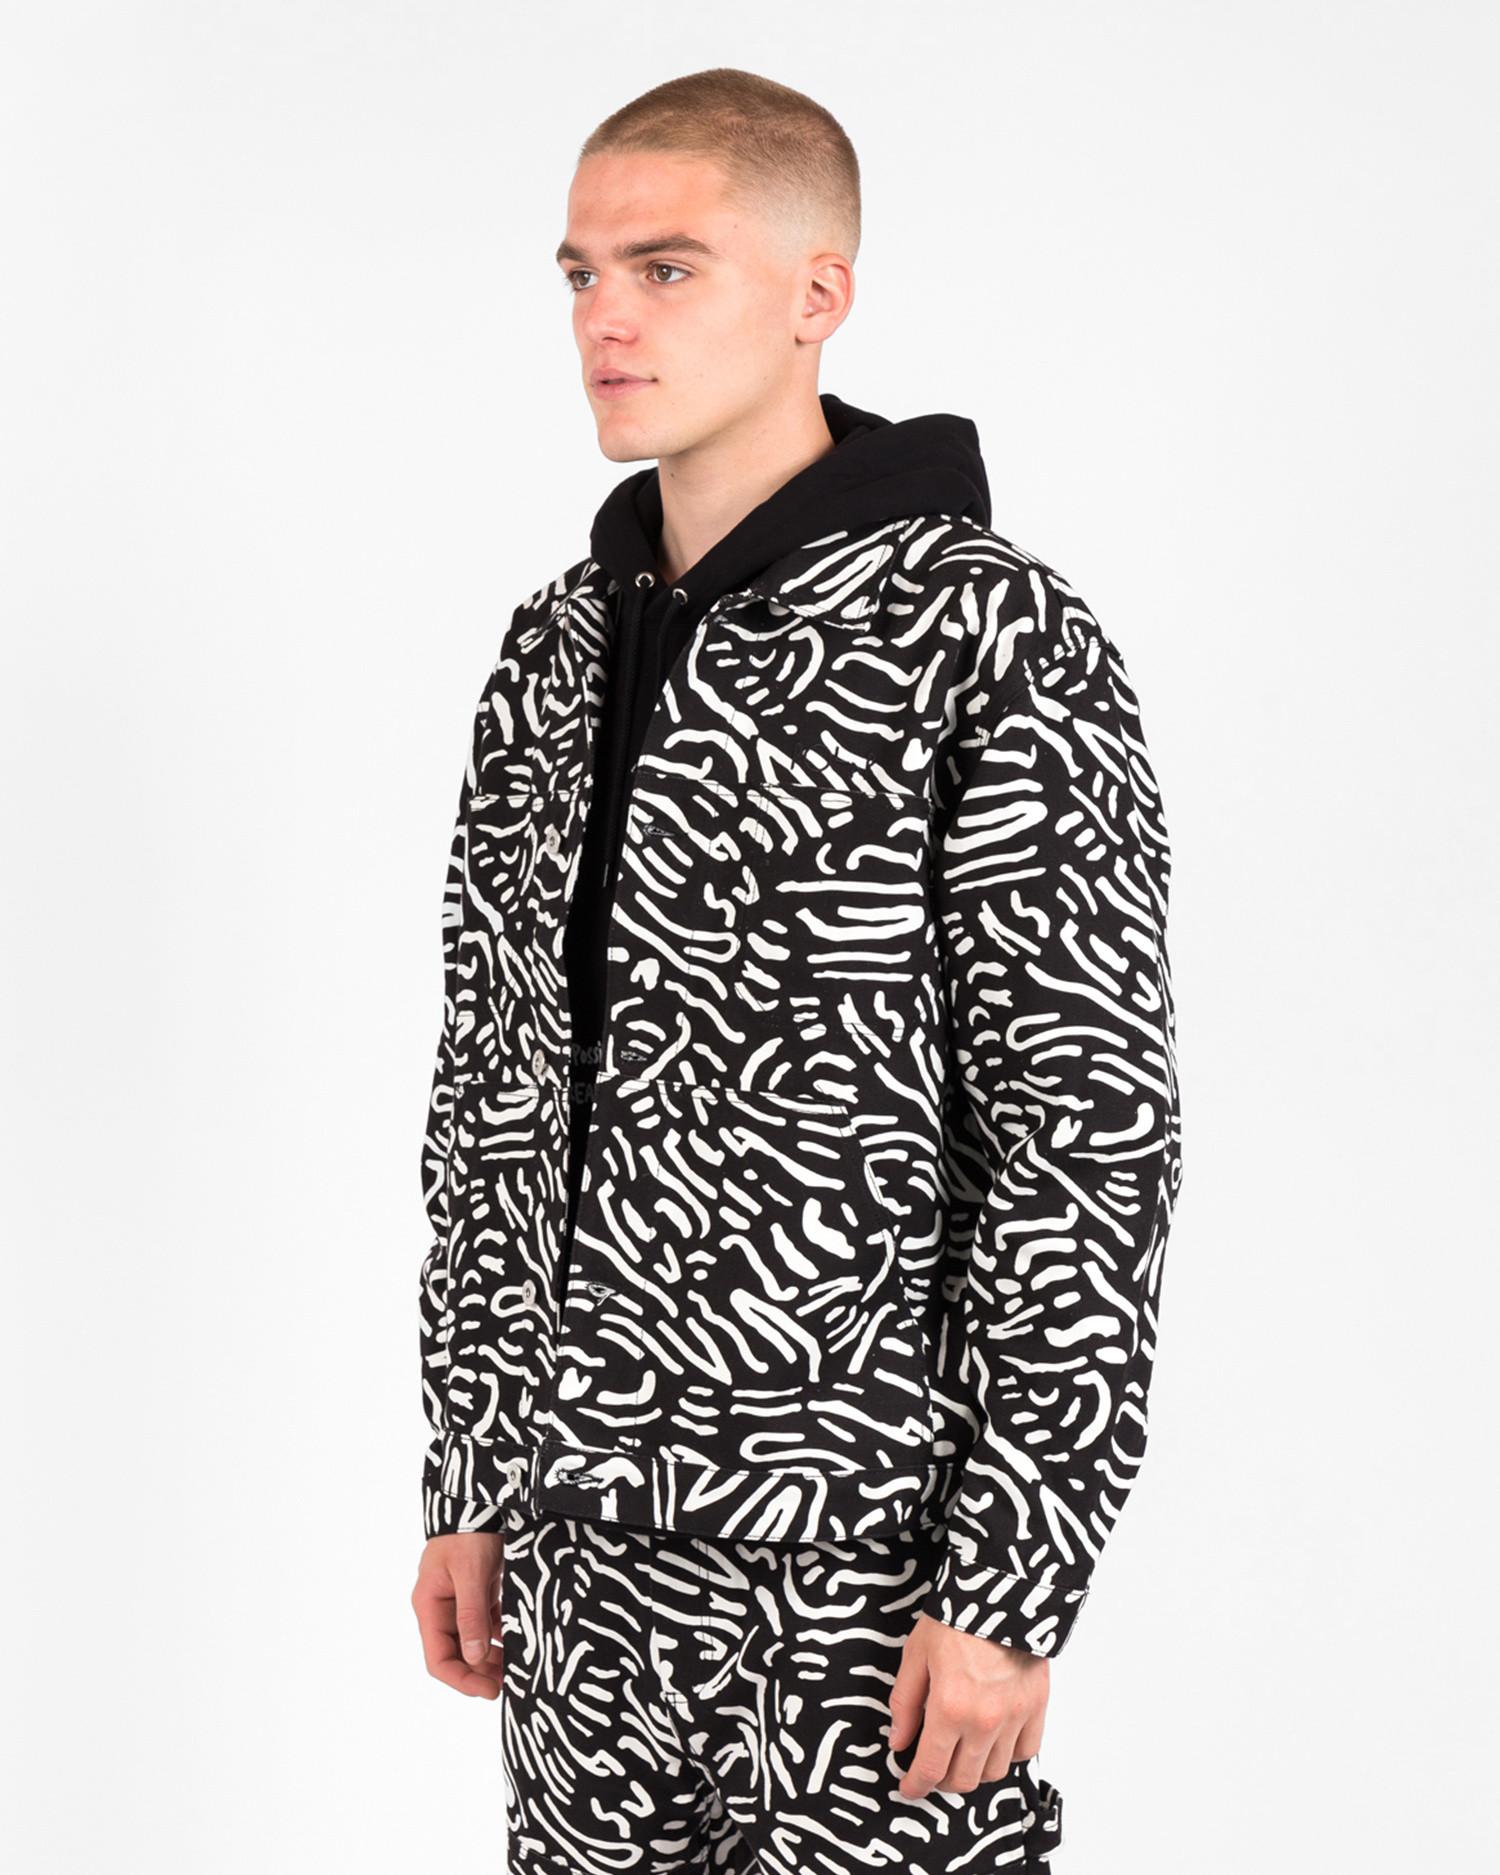 Polar Cell Jacket Black